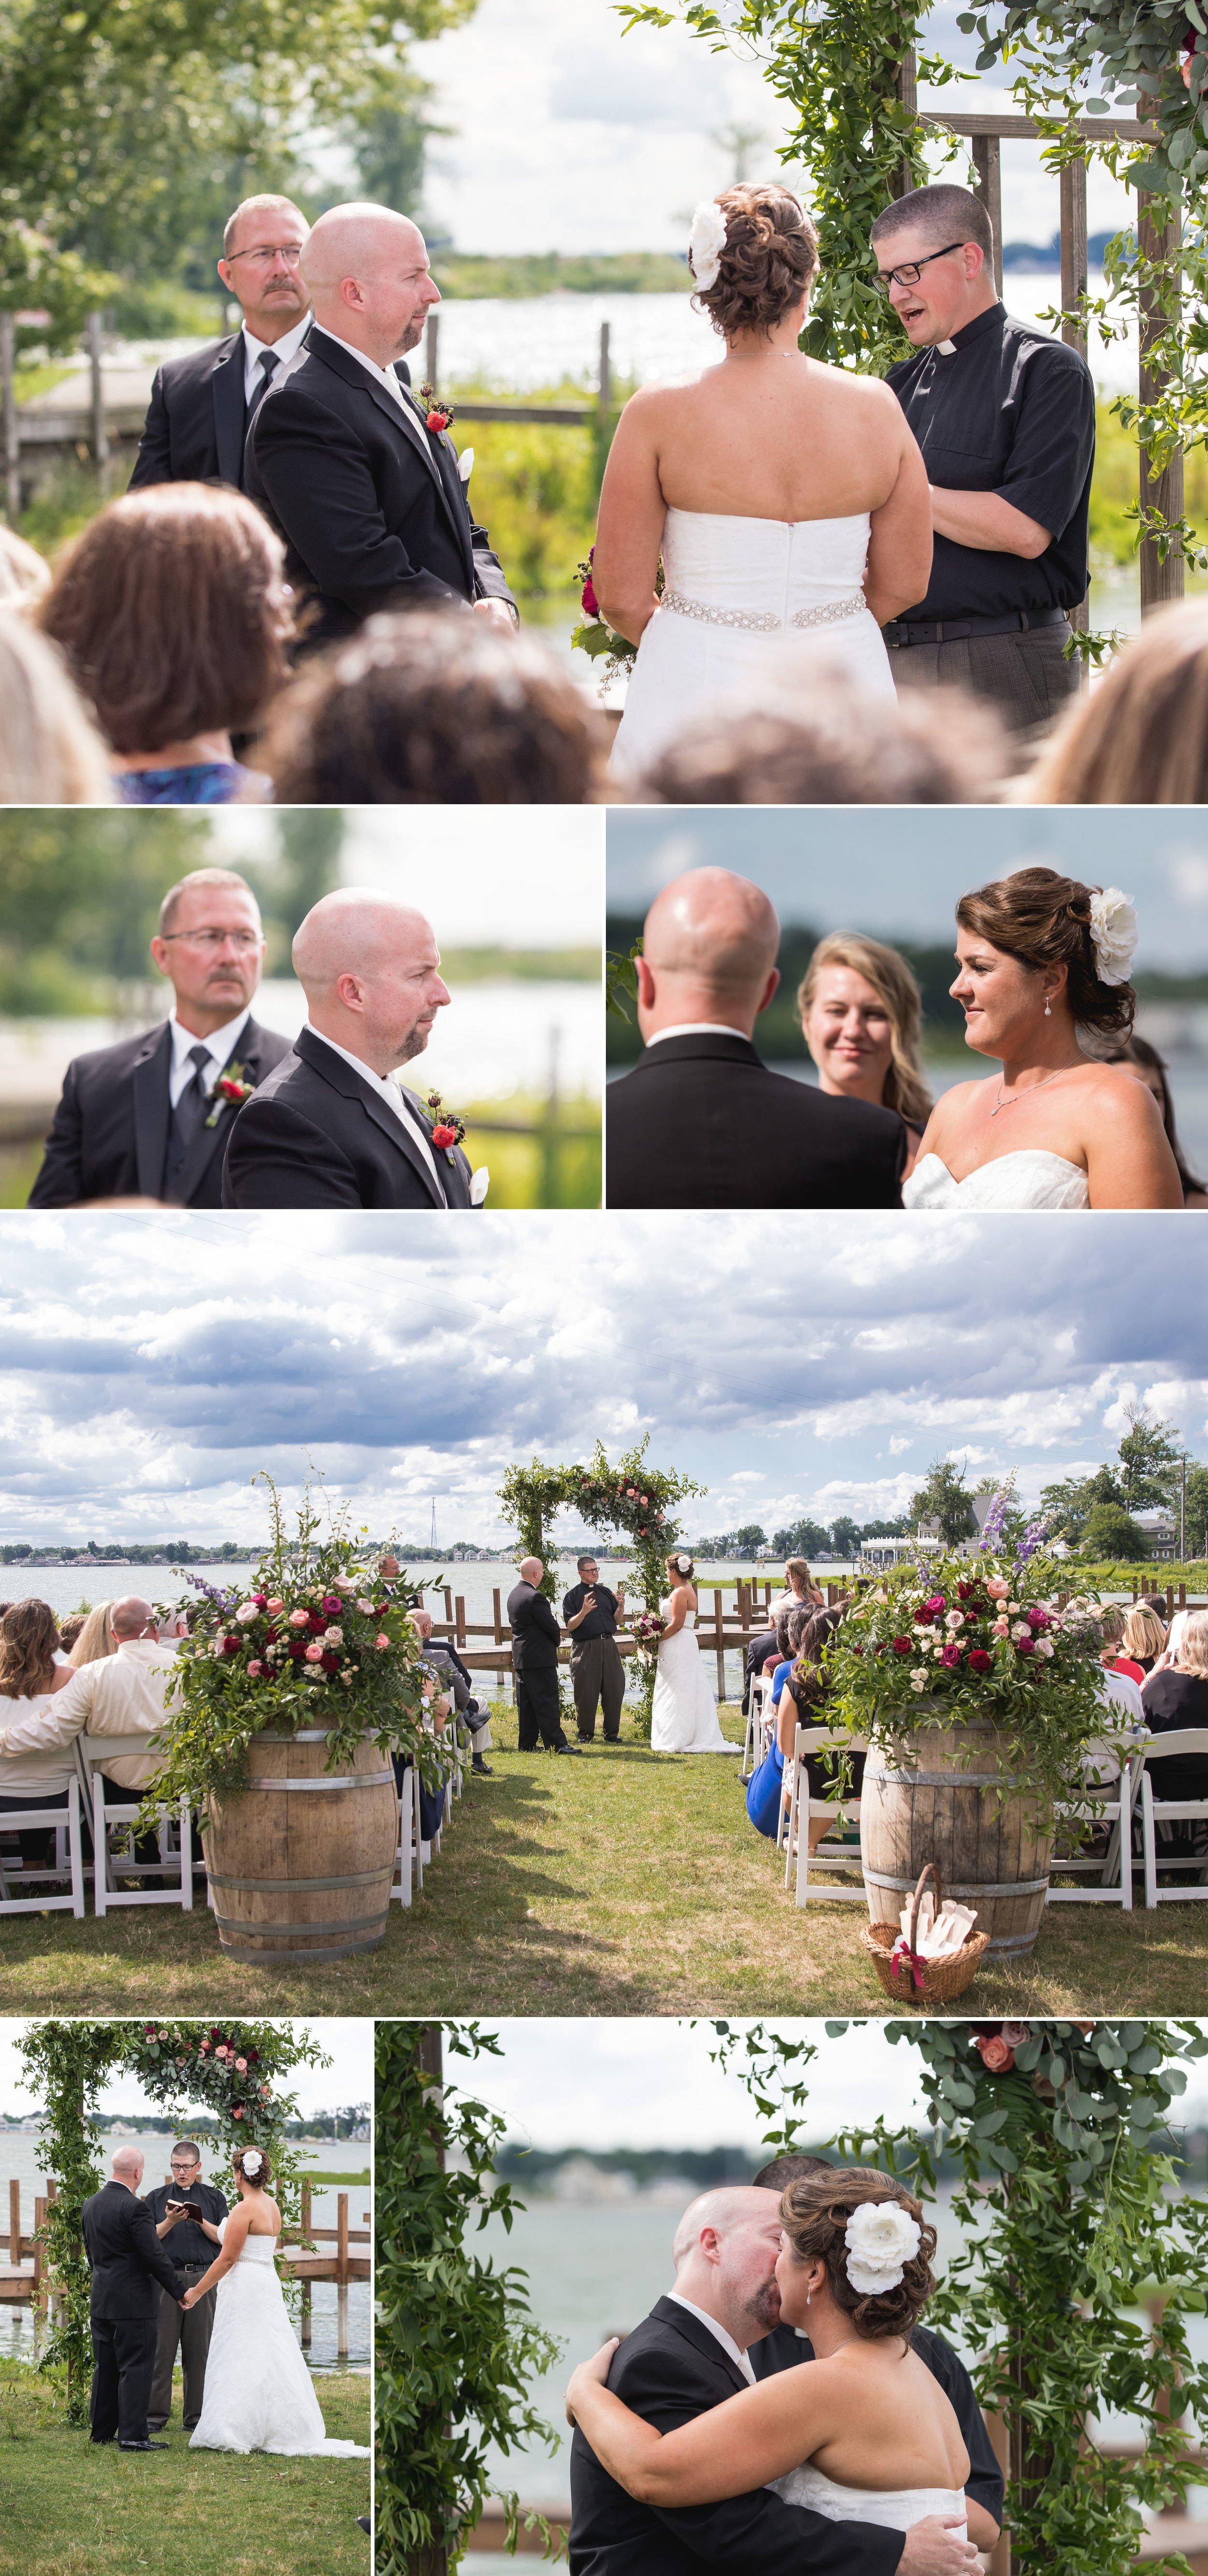 013-Buckeye-lake-winery-wedding-ceremony-columbus-ohio-wedding-photography-muschlitz-photography-03.JPG